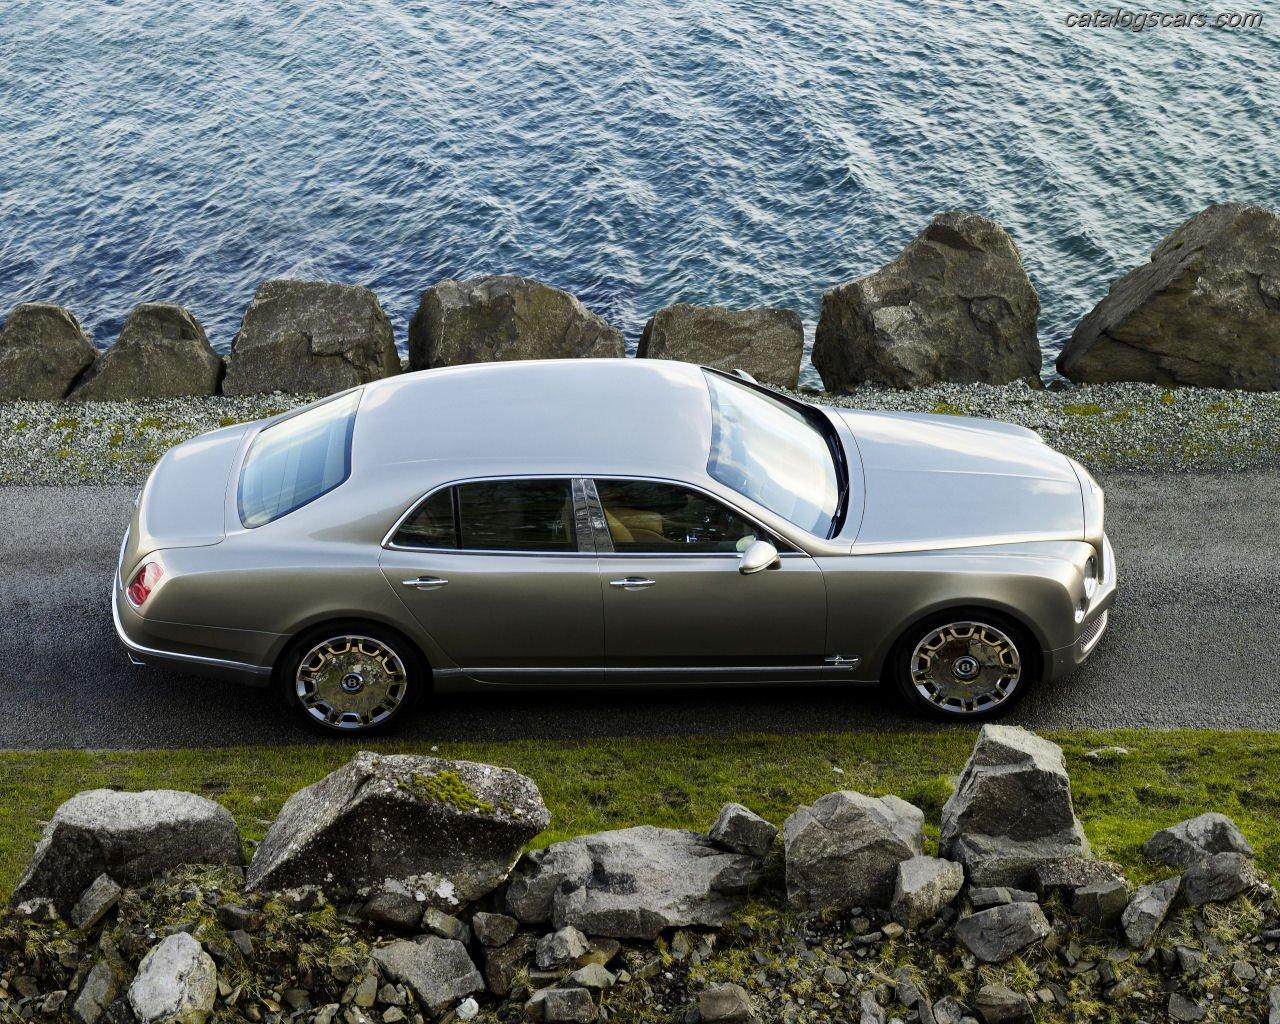 صور سيارة بنتلى مولسان 2014 - اجمل خلفيات صور عربية بنتلى مولسان 2014 - Bentley Mulsanne Photos Bentley-Mulsanne-2011-13.jpg